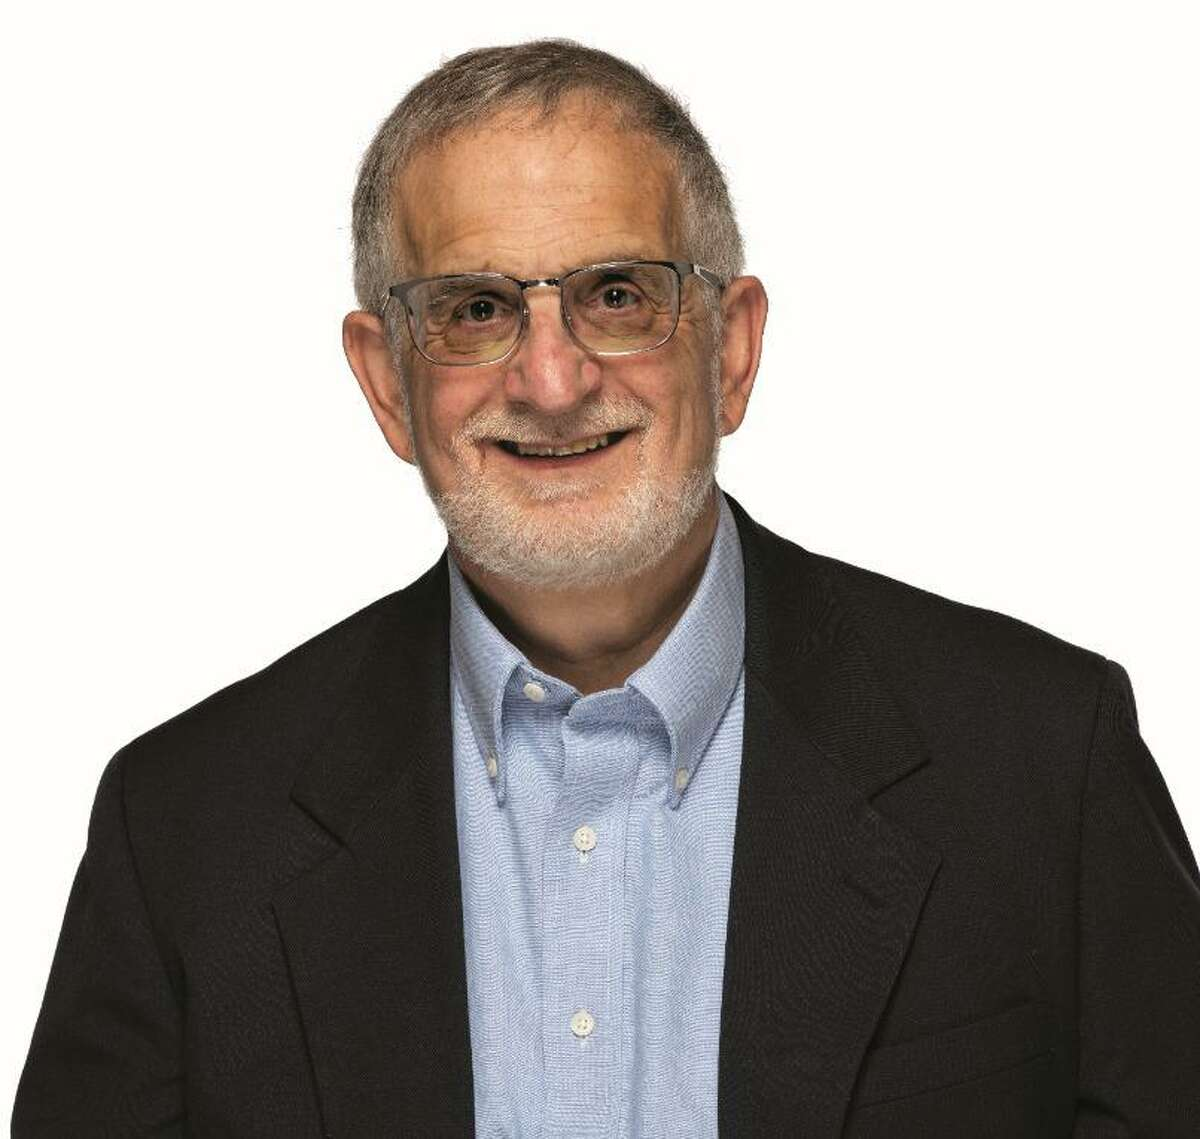 Peter Squitieri